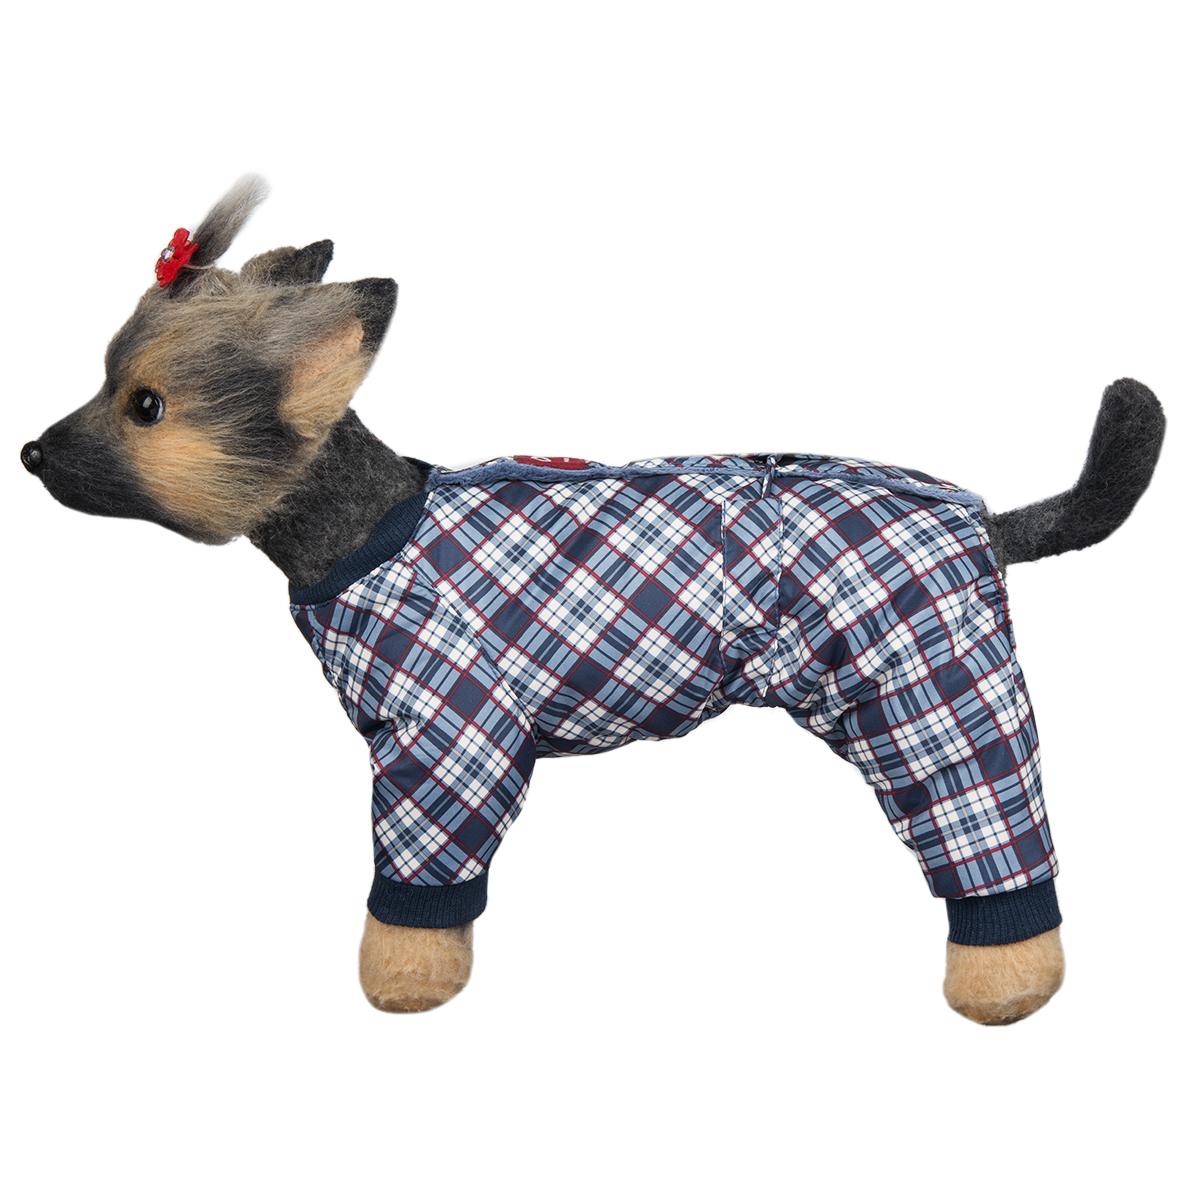 Комбинезон для собак Dogmoda Нью-Йорк, зимний, для мальчика, цвет: белый, темно-синий. Размер 2 (M) комбинезоны для животных dogmoda комбинезон doggs active 70 сука